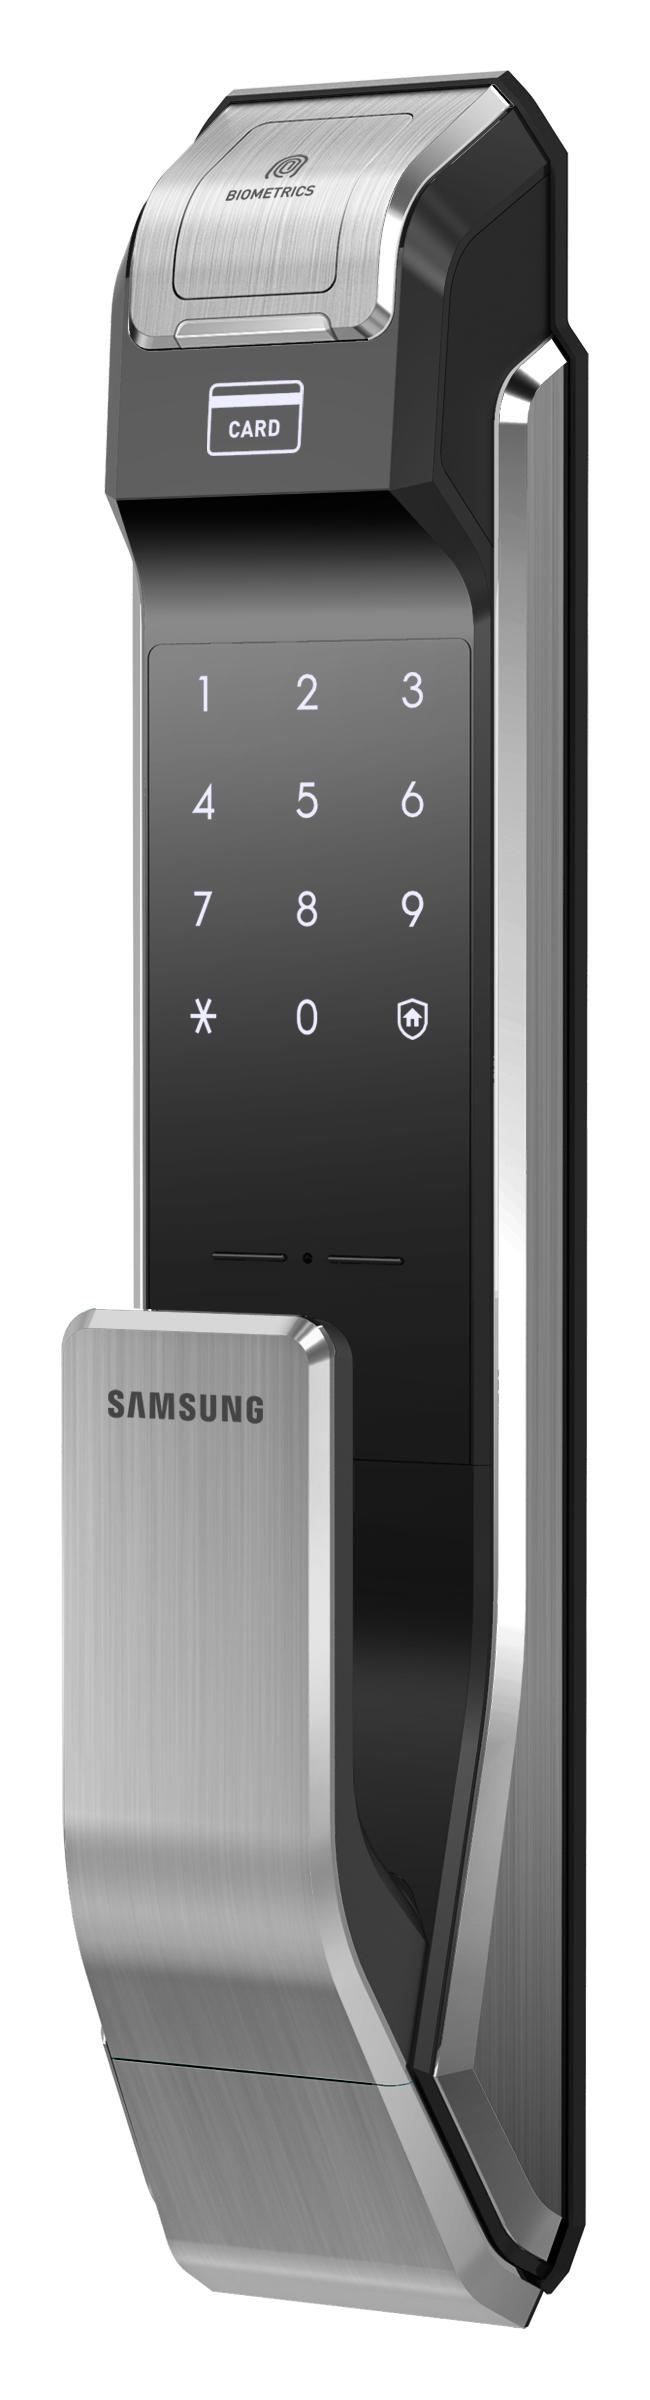 Sam Shsp718lmken Samsung Smart Doorlock Sdl